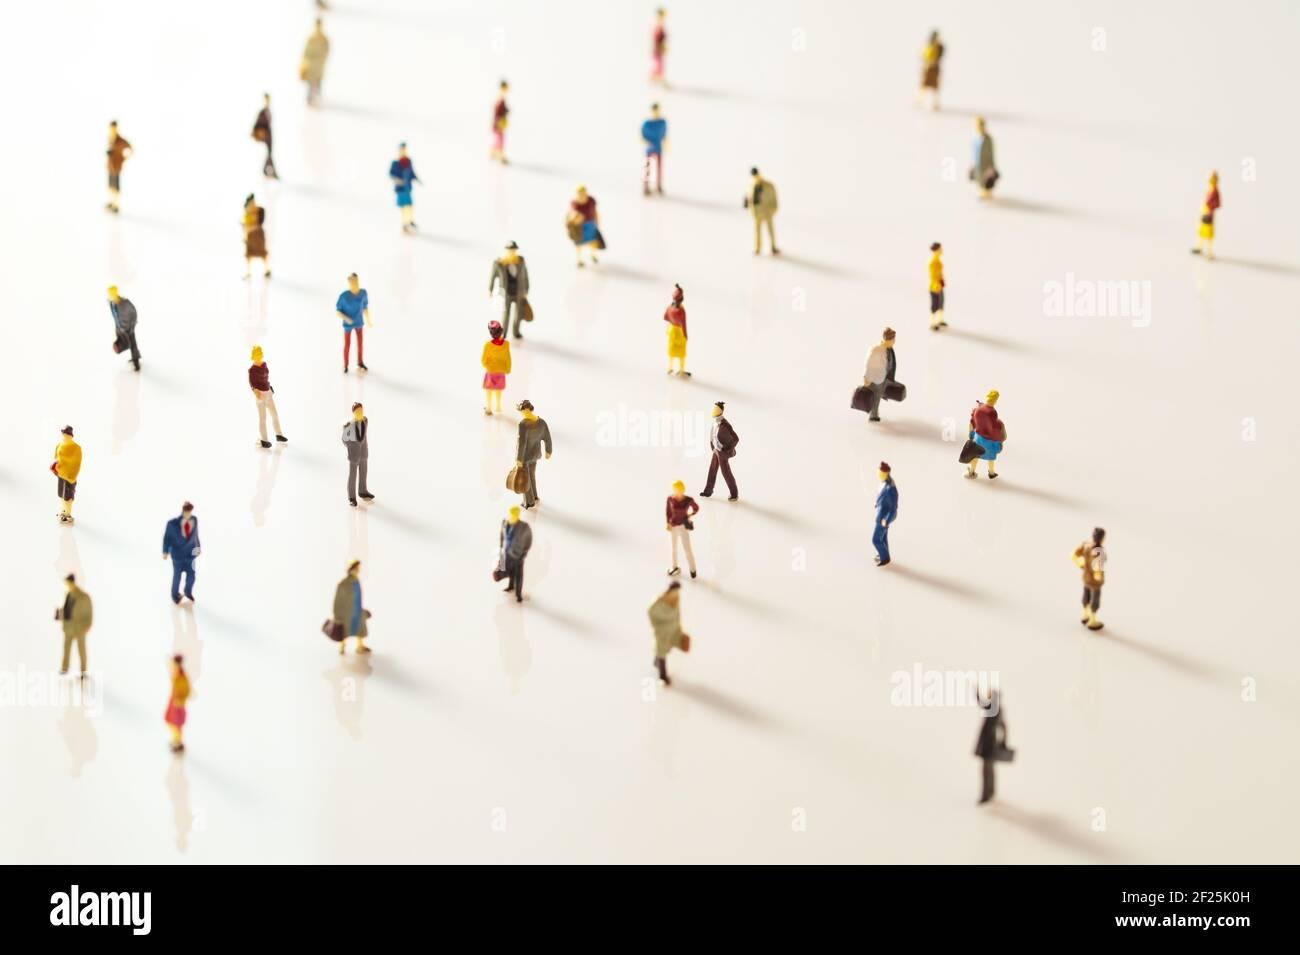 Gente de juguete, figurillas en miniatura manteniendo la distancia en público. Distanciamiento social debido al Covid-19 Foto de stock